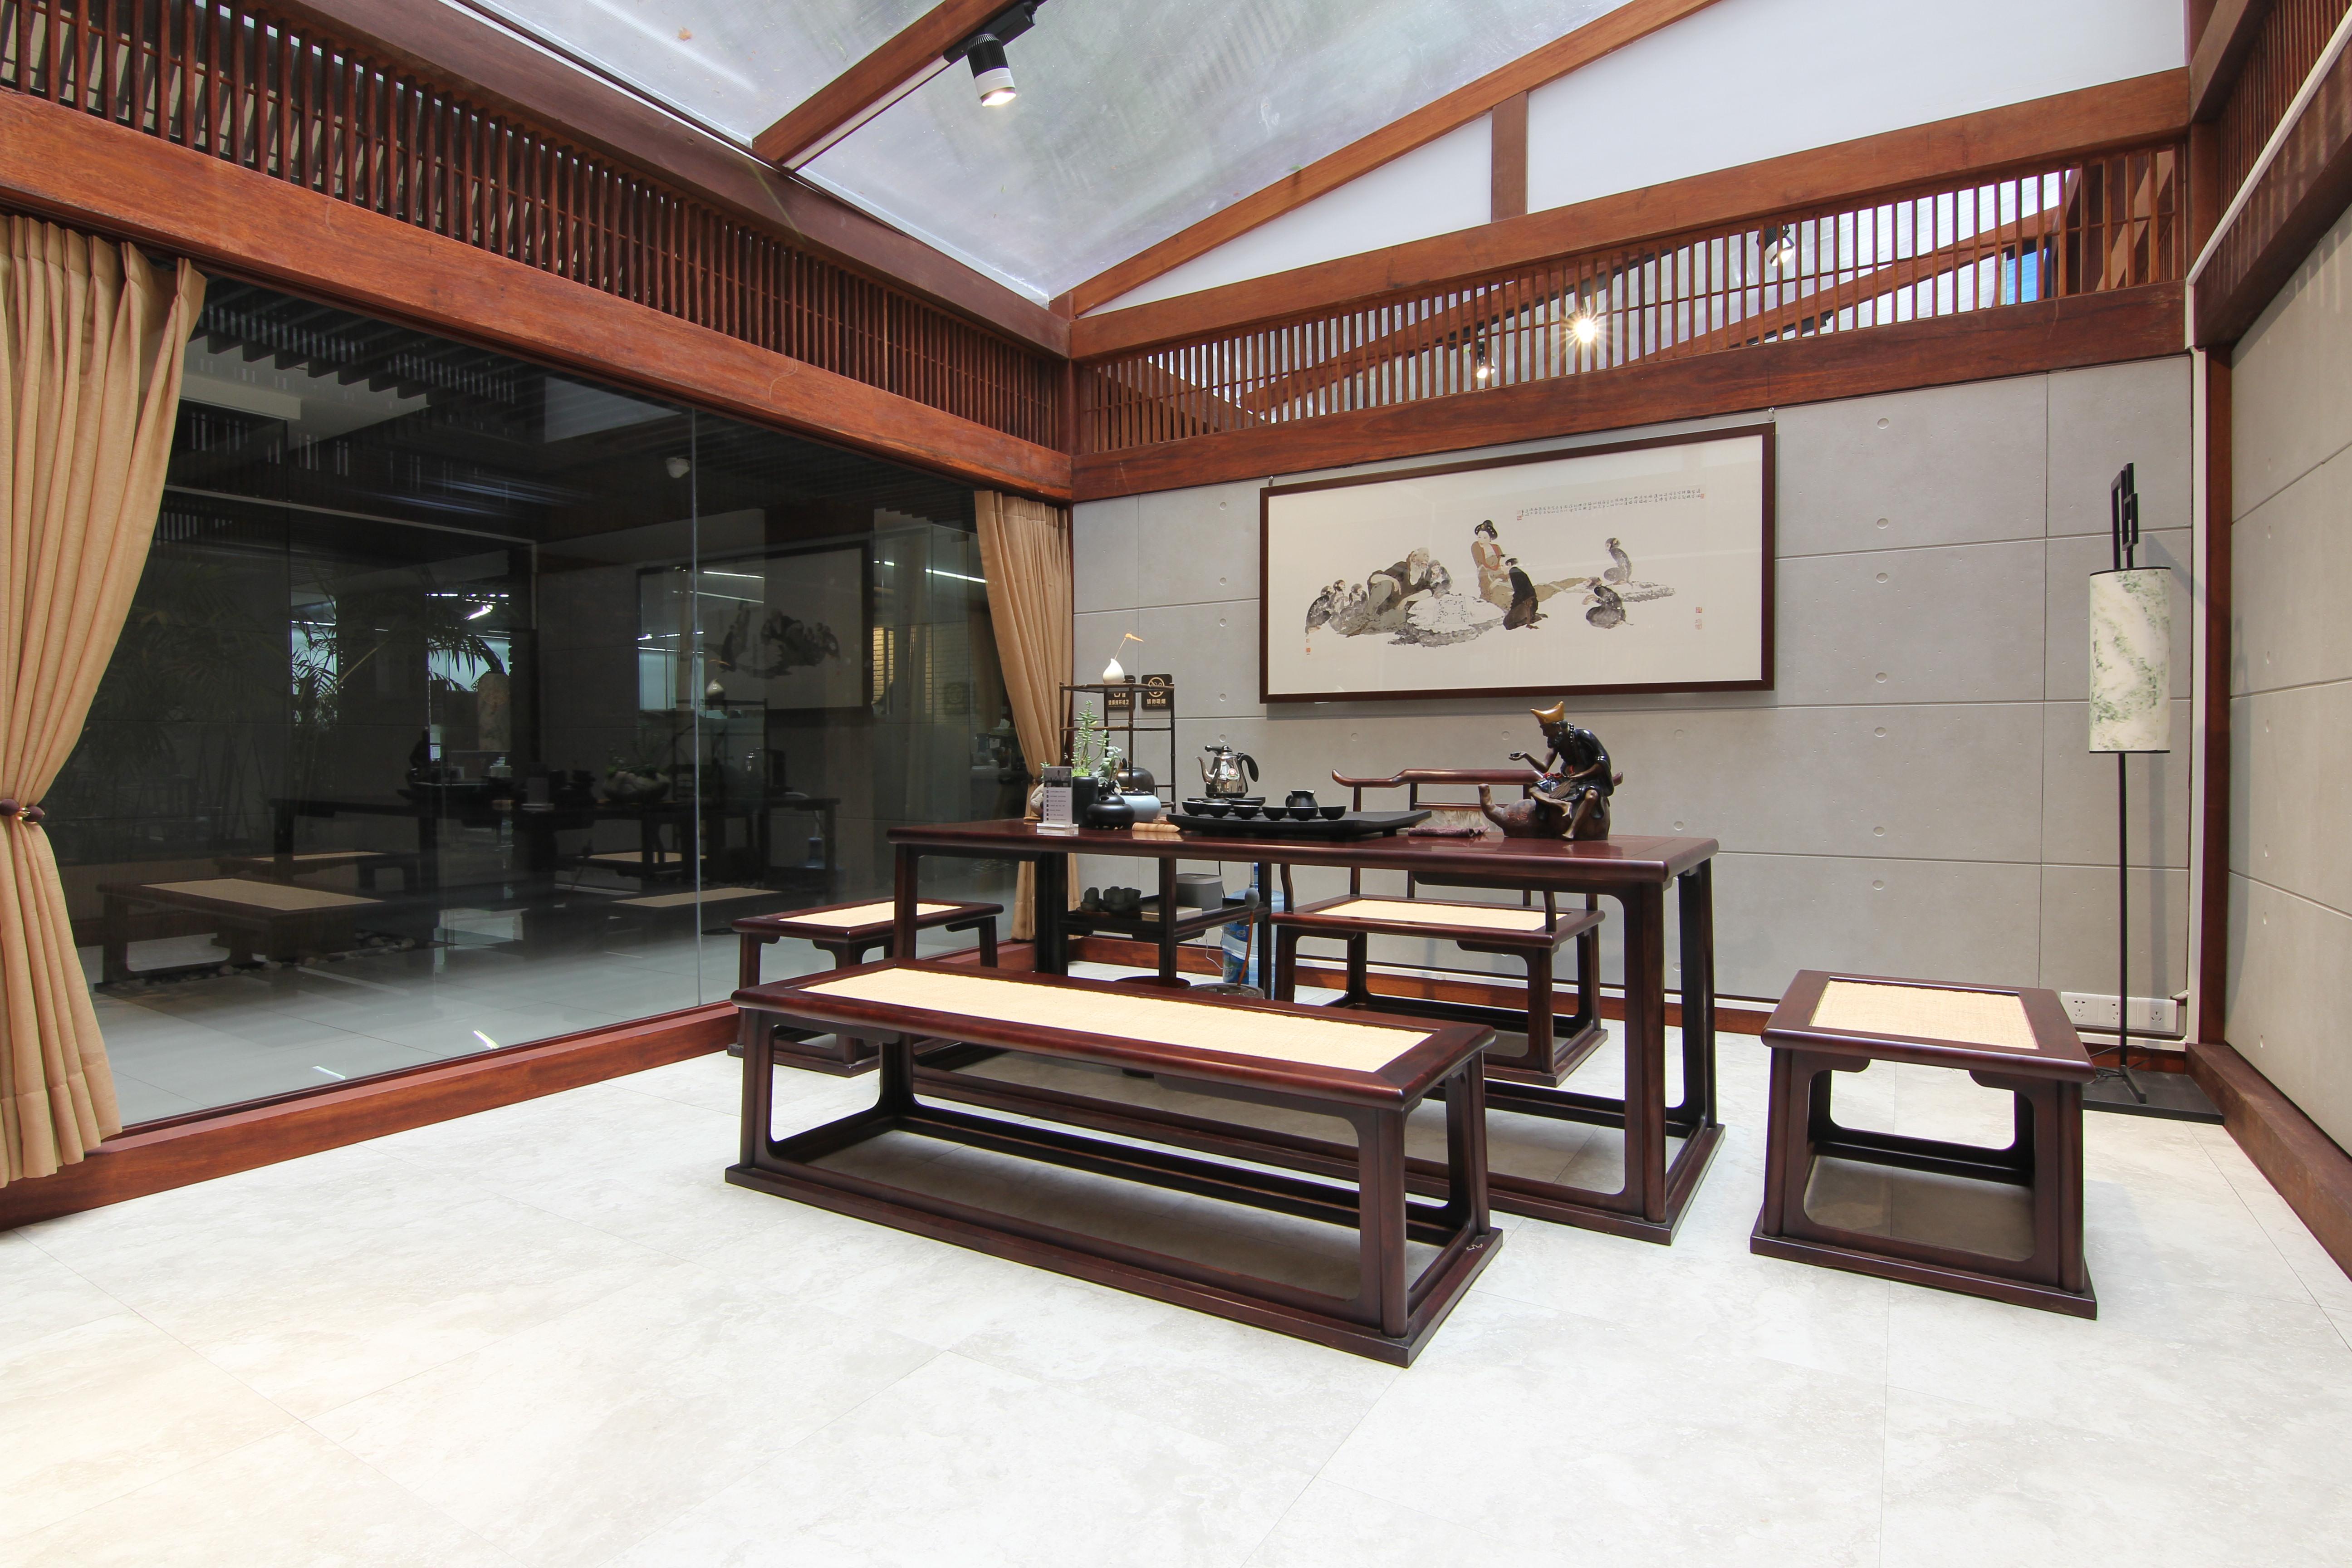 比如说在一侘整体茶室装修效果图中中式整体茶室就非常的常见,那对于图片